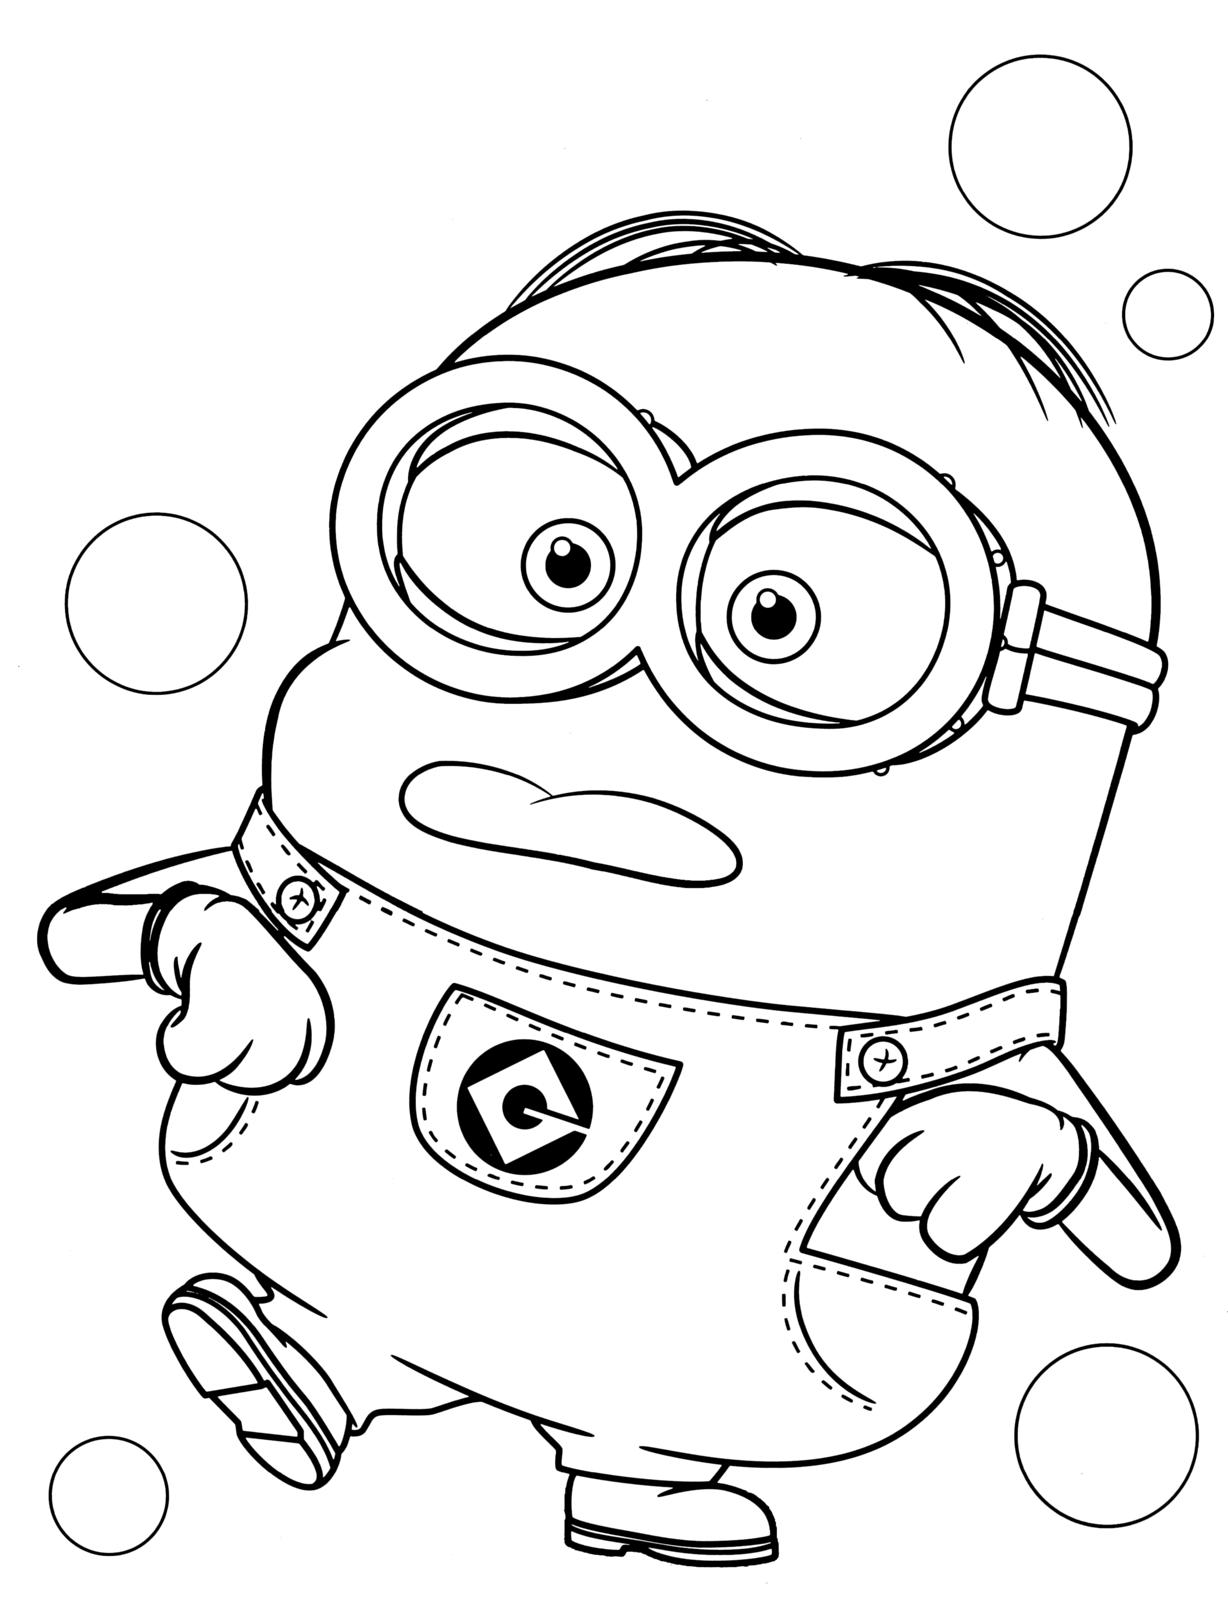 Cattivissimo me il minion dave burlone fa le linguacce for Minions immagini da stampare